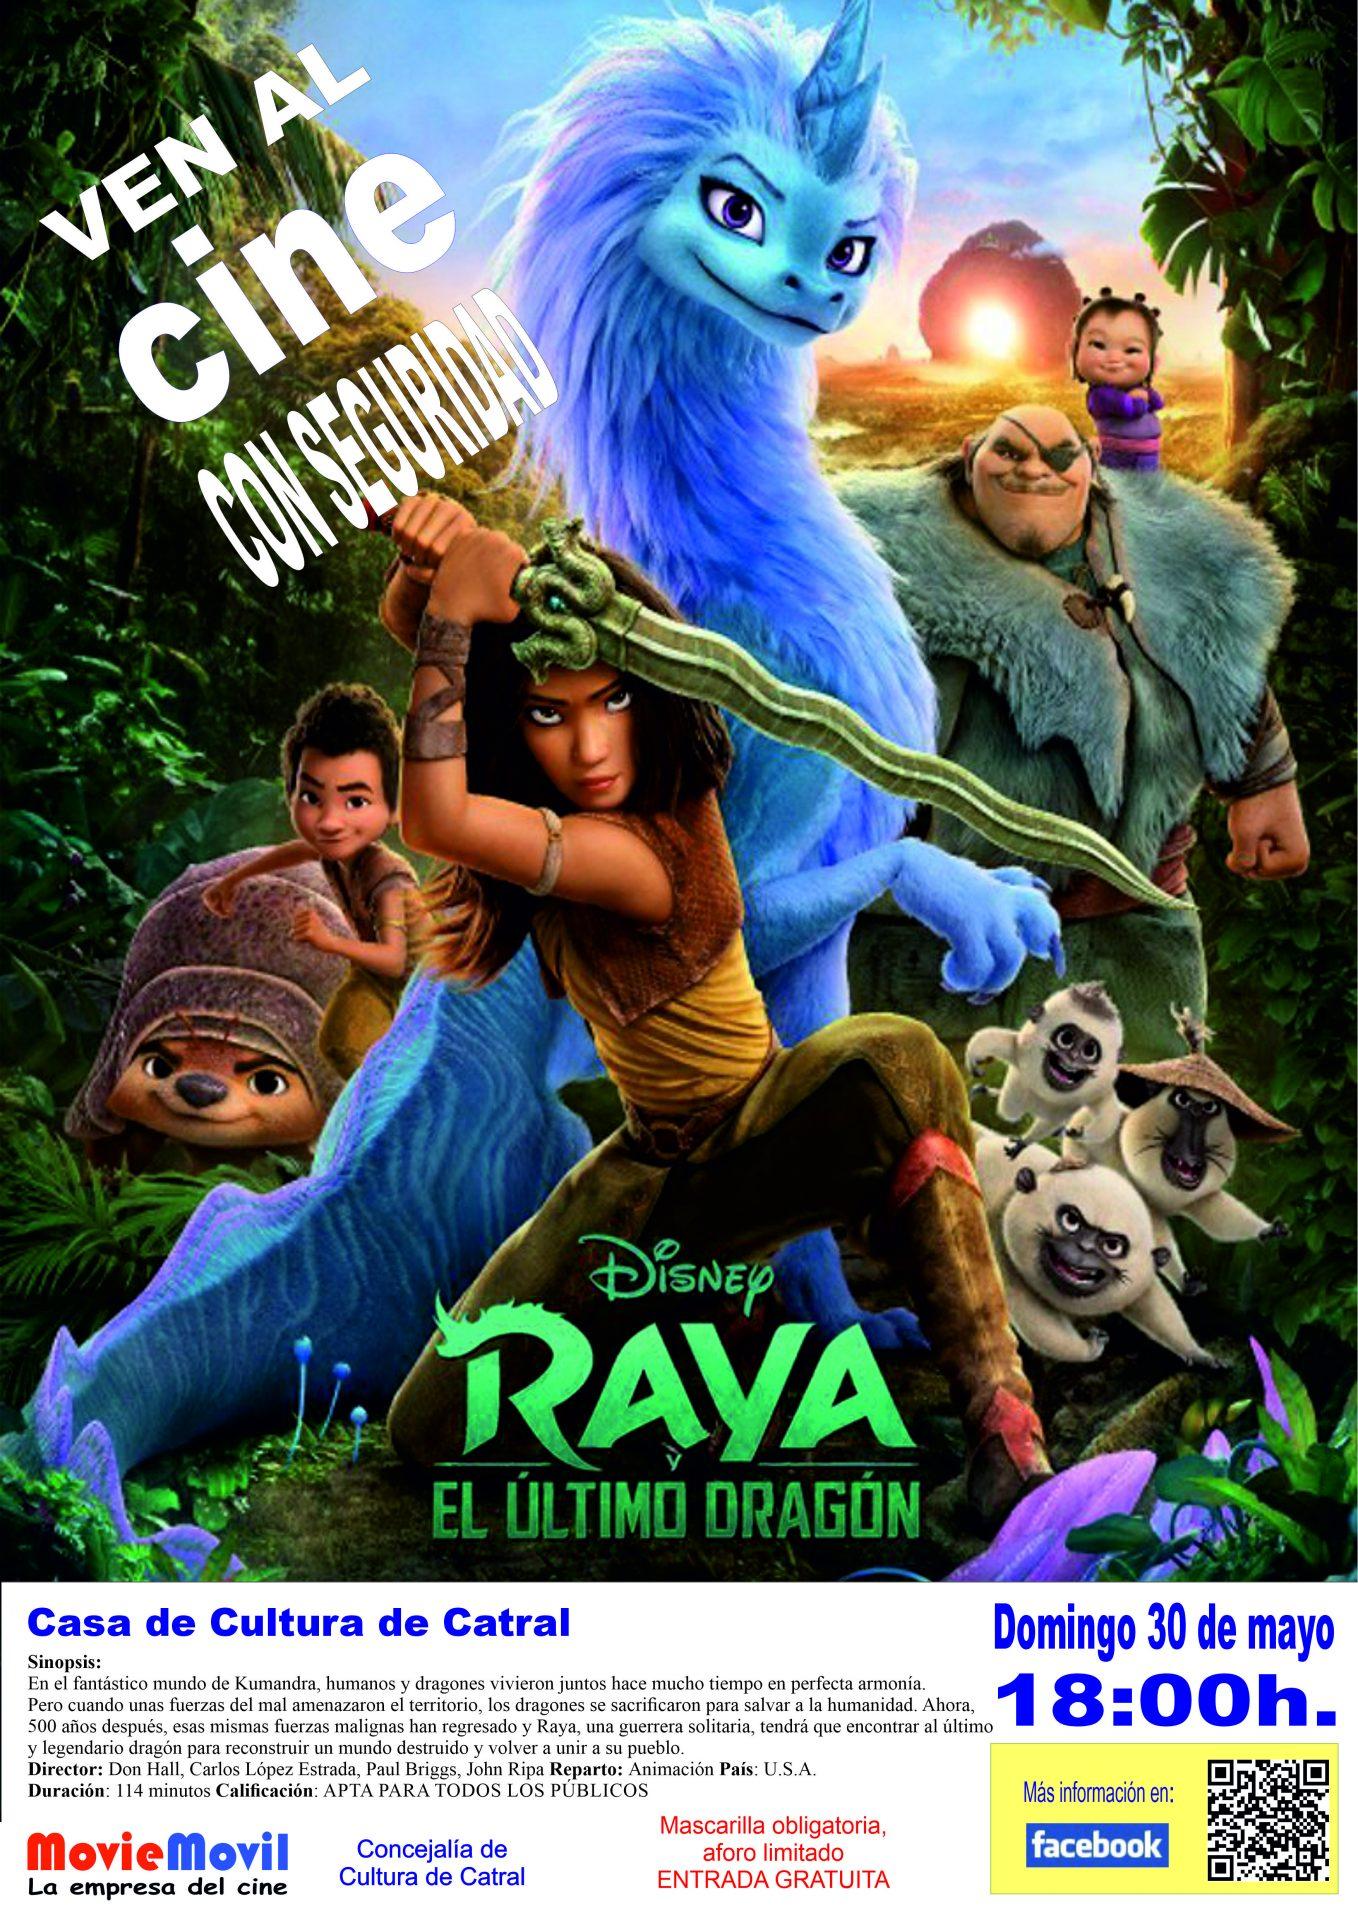 Cine - Raya y el ultimo dragón